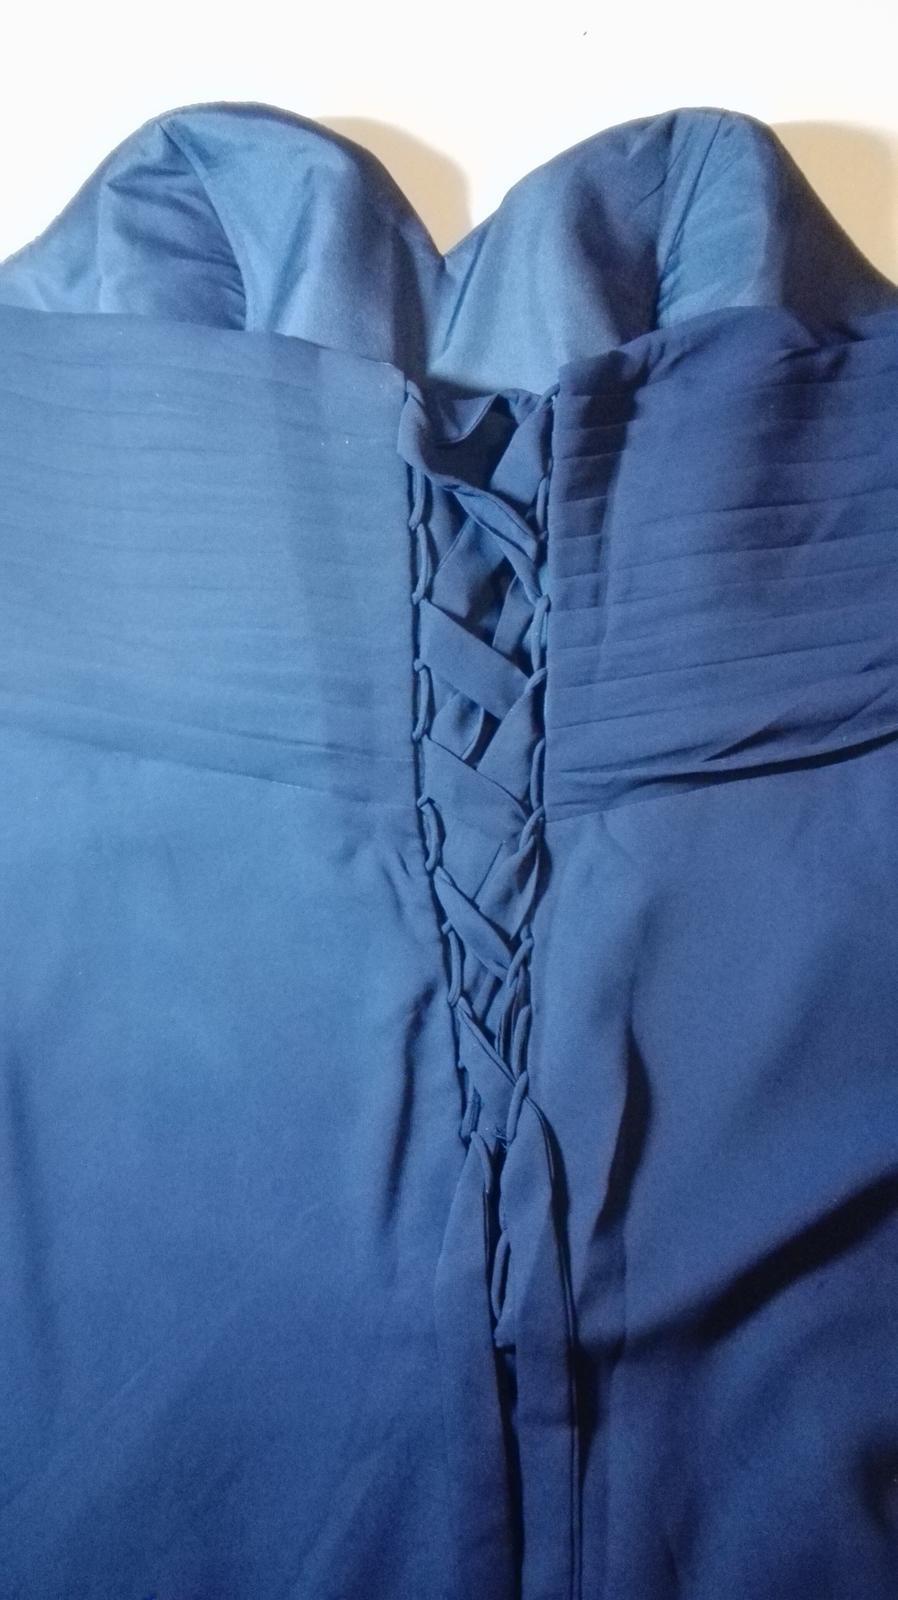 Spoločenské šaty veľkosť 50-52 - Obrázok č. 4